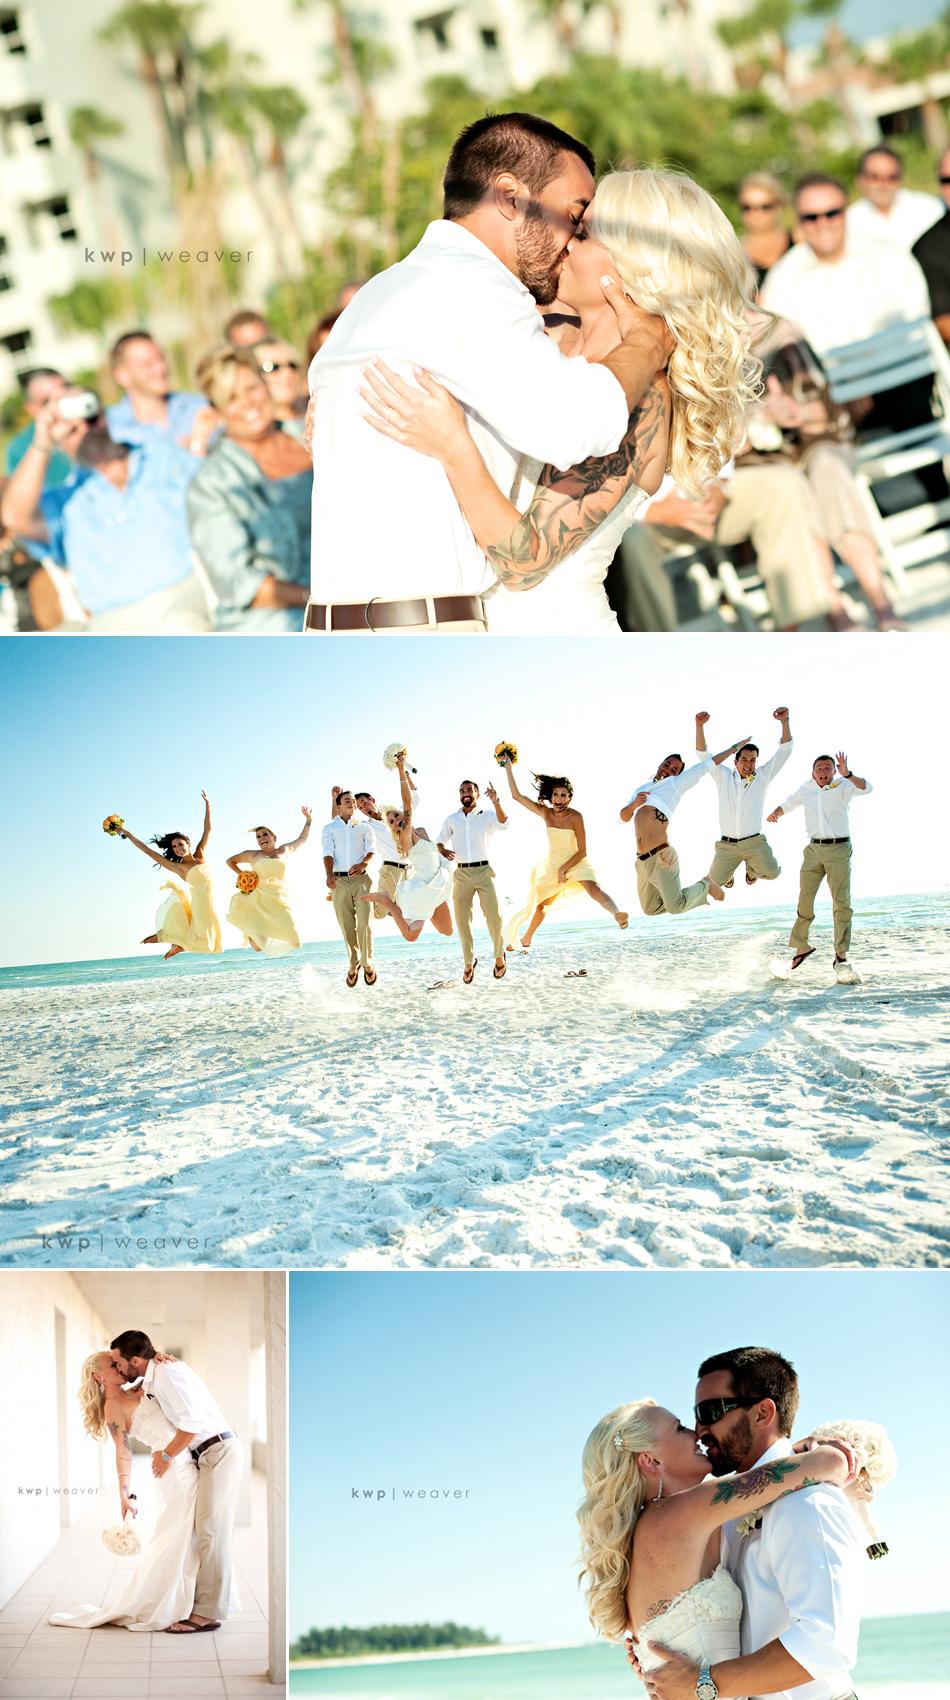 Fall wedding on beach mermaid wedding dress retro wedding hairstyle